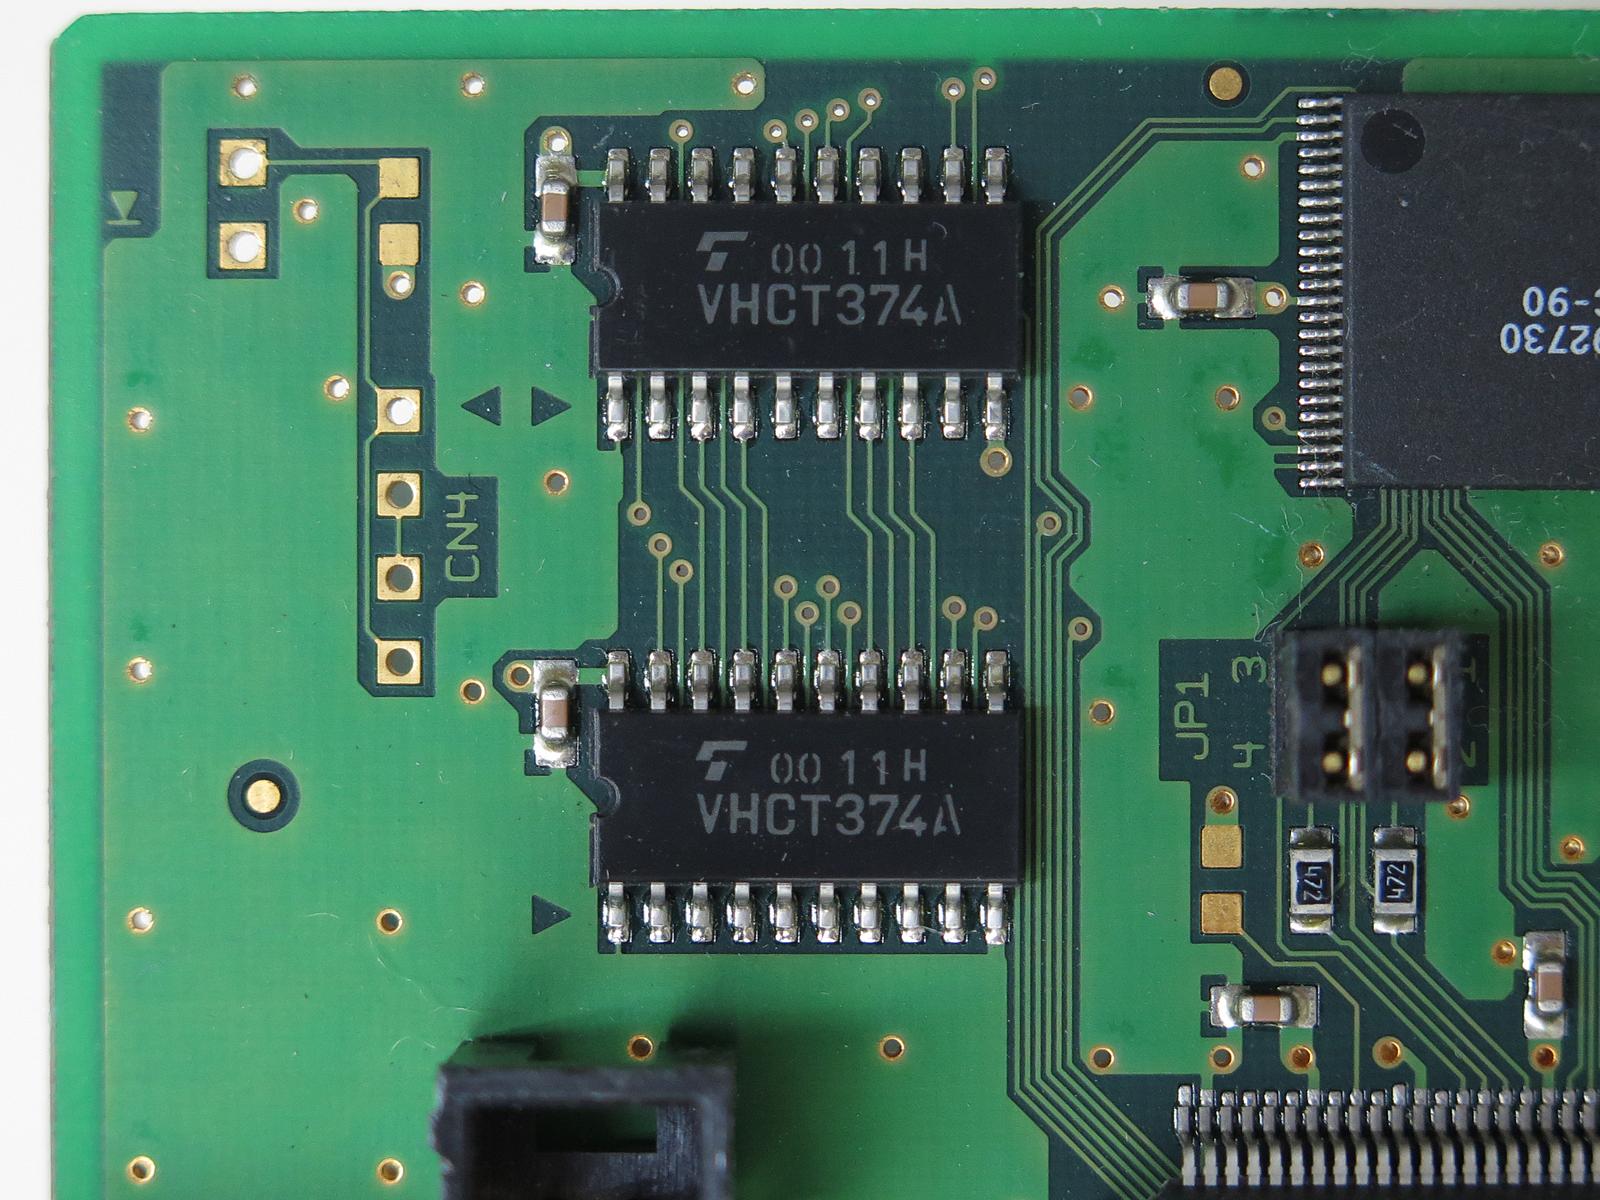 東芝のフリップフロップ回路「VHCT374A」(写真はSC-UPCI-5BSより)